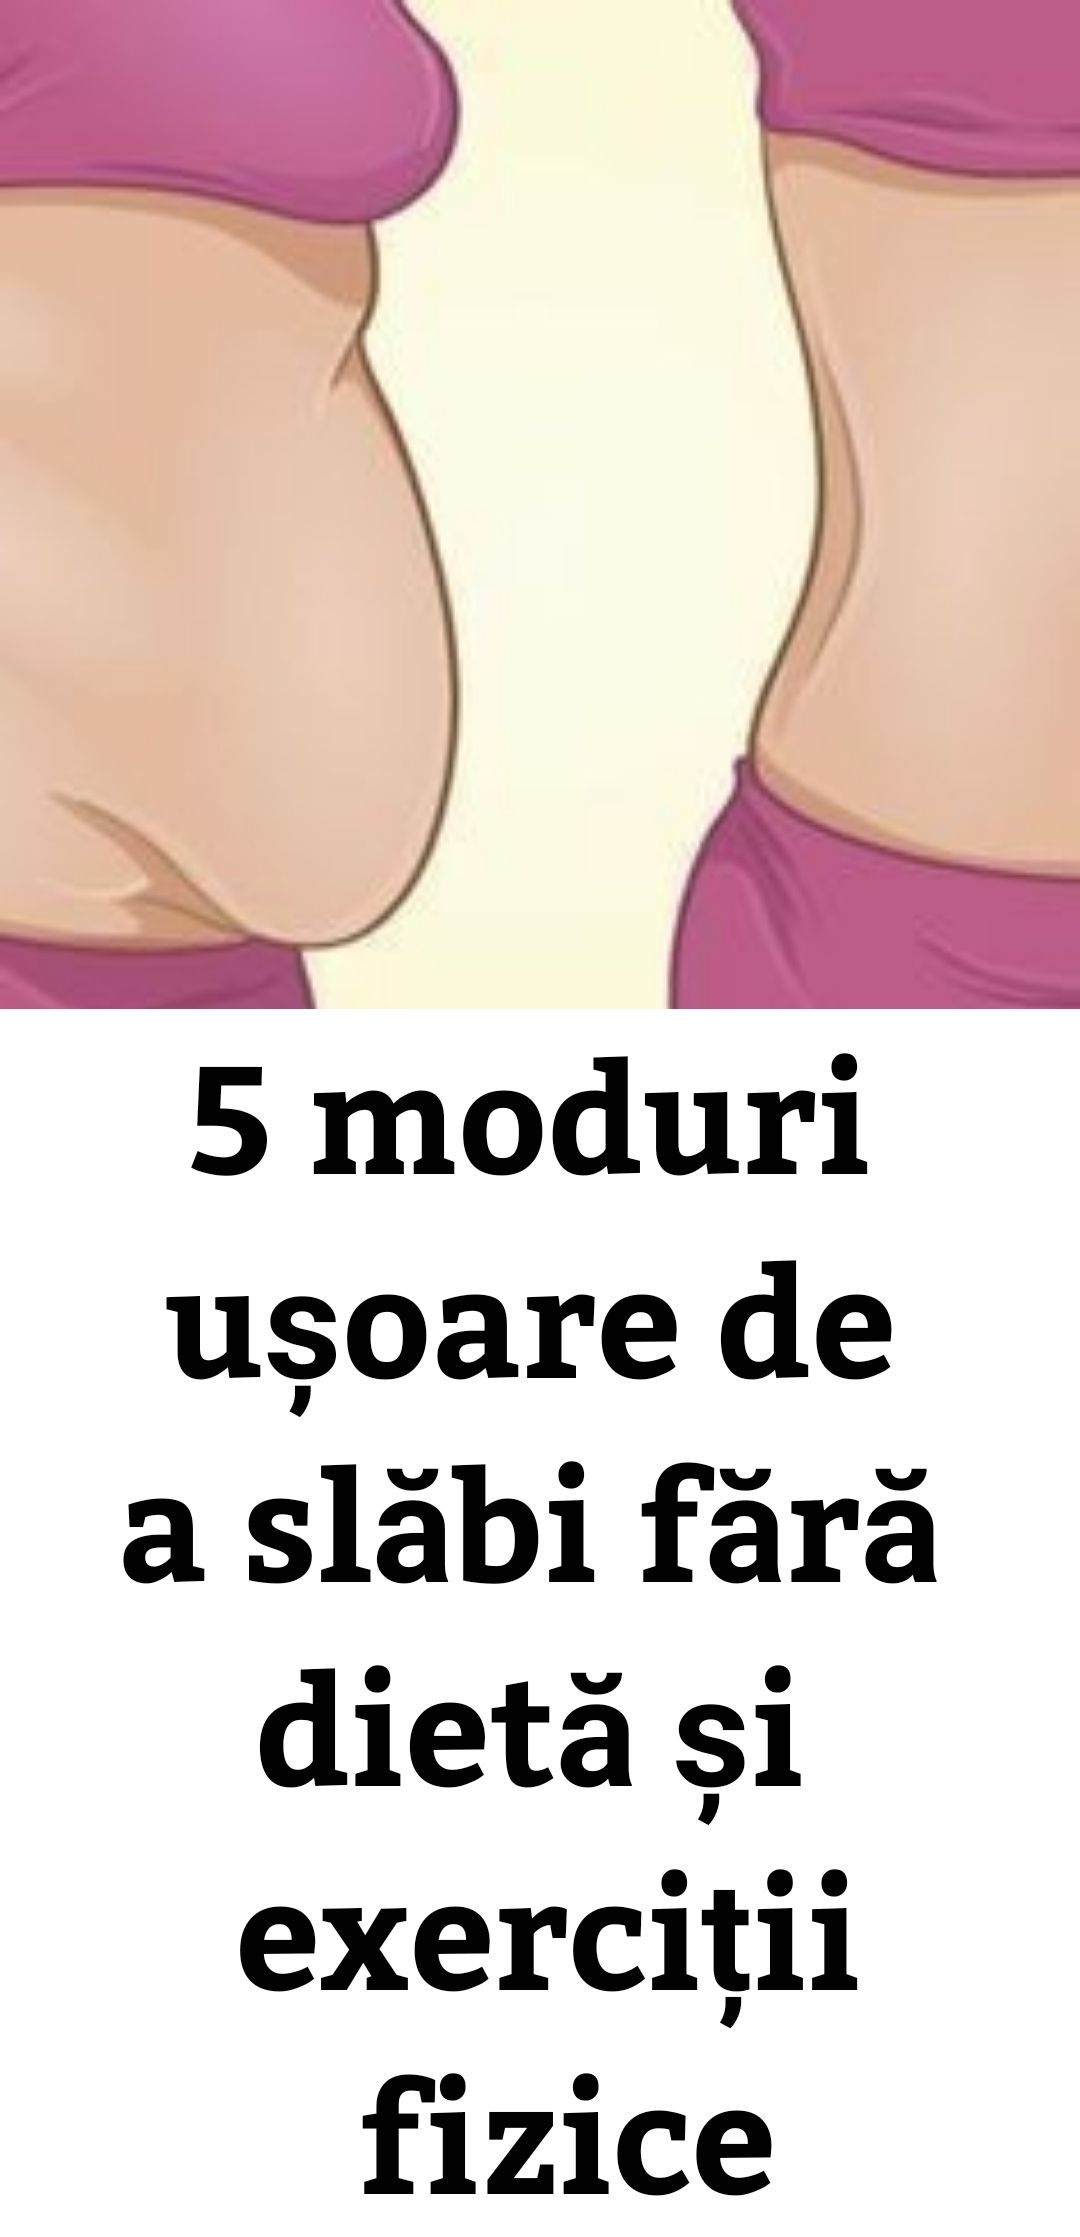 Pierdere în greutate de 1 kg în 1 săptămână